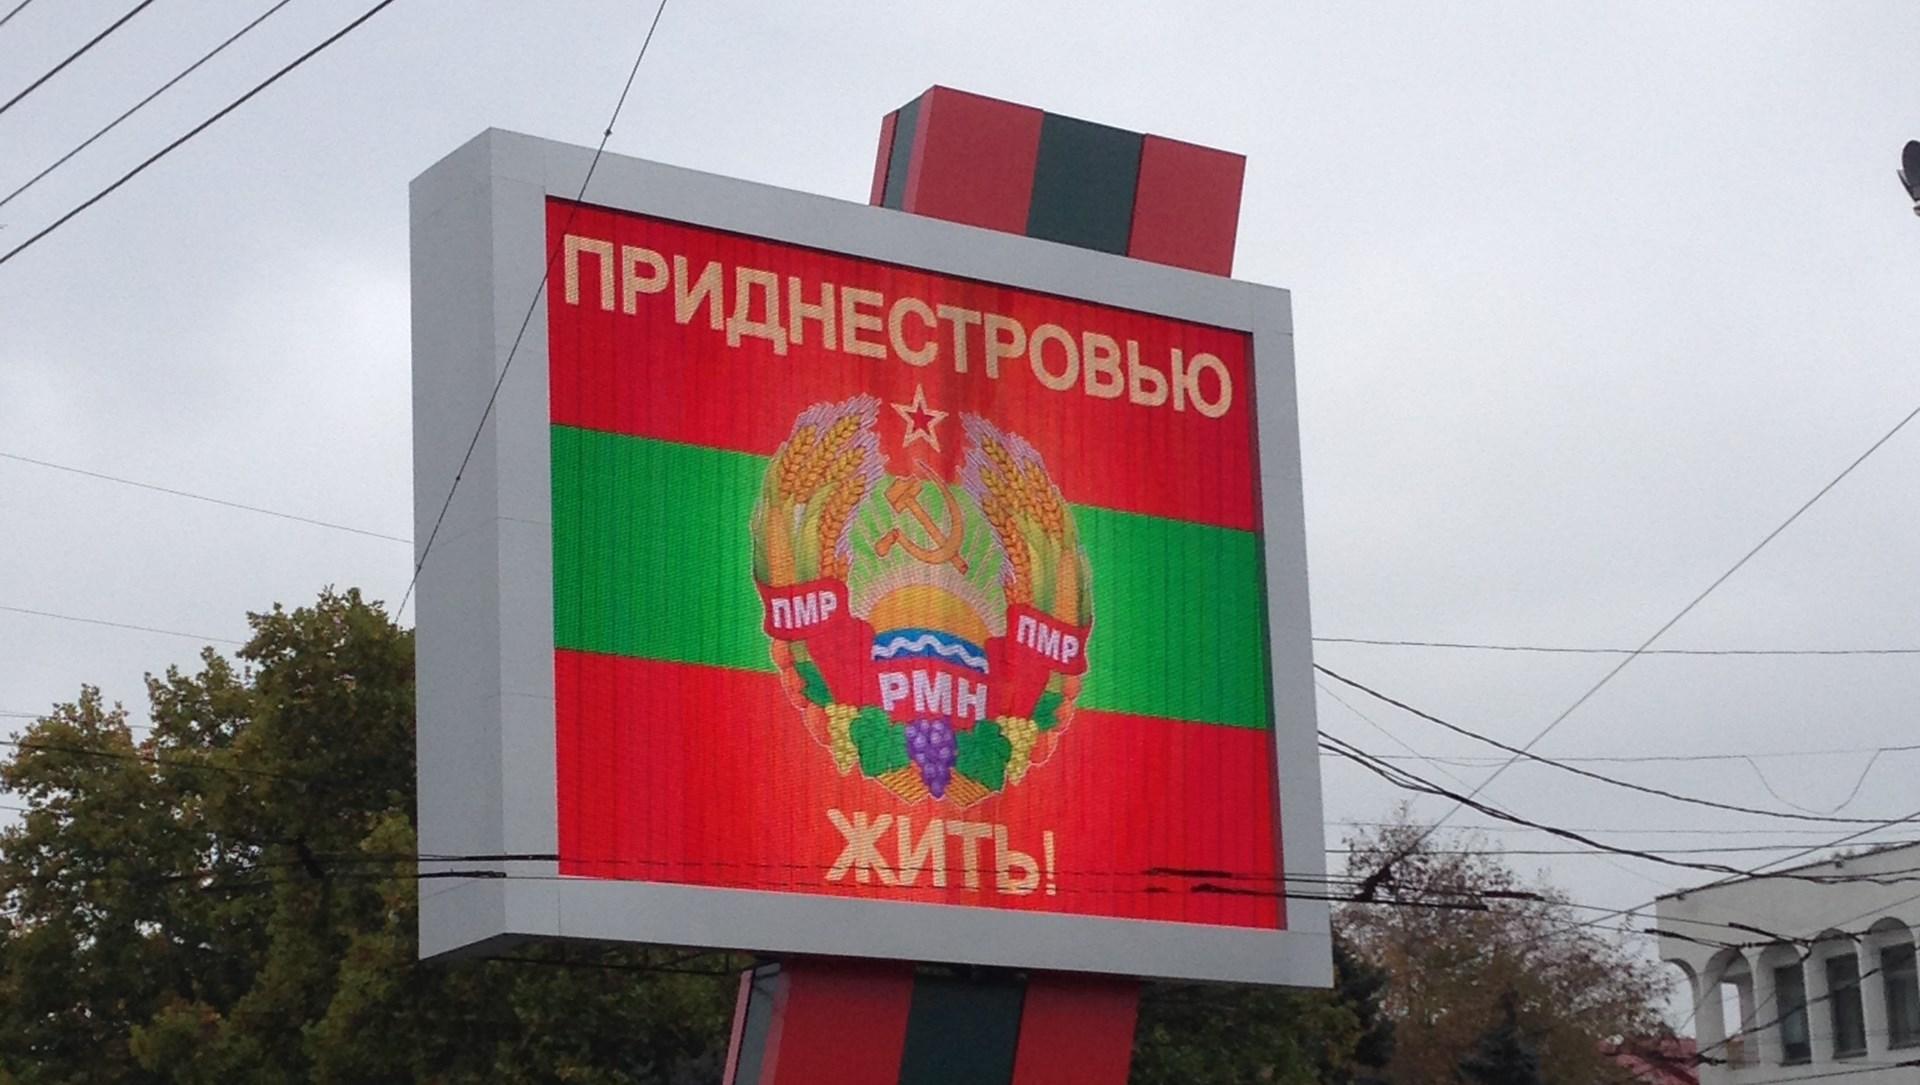 Комунальні платежі в Придністров'ї виросли в два рази